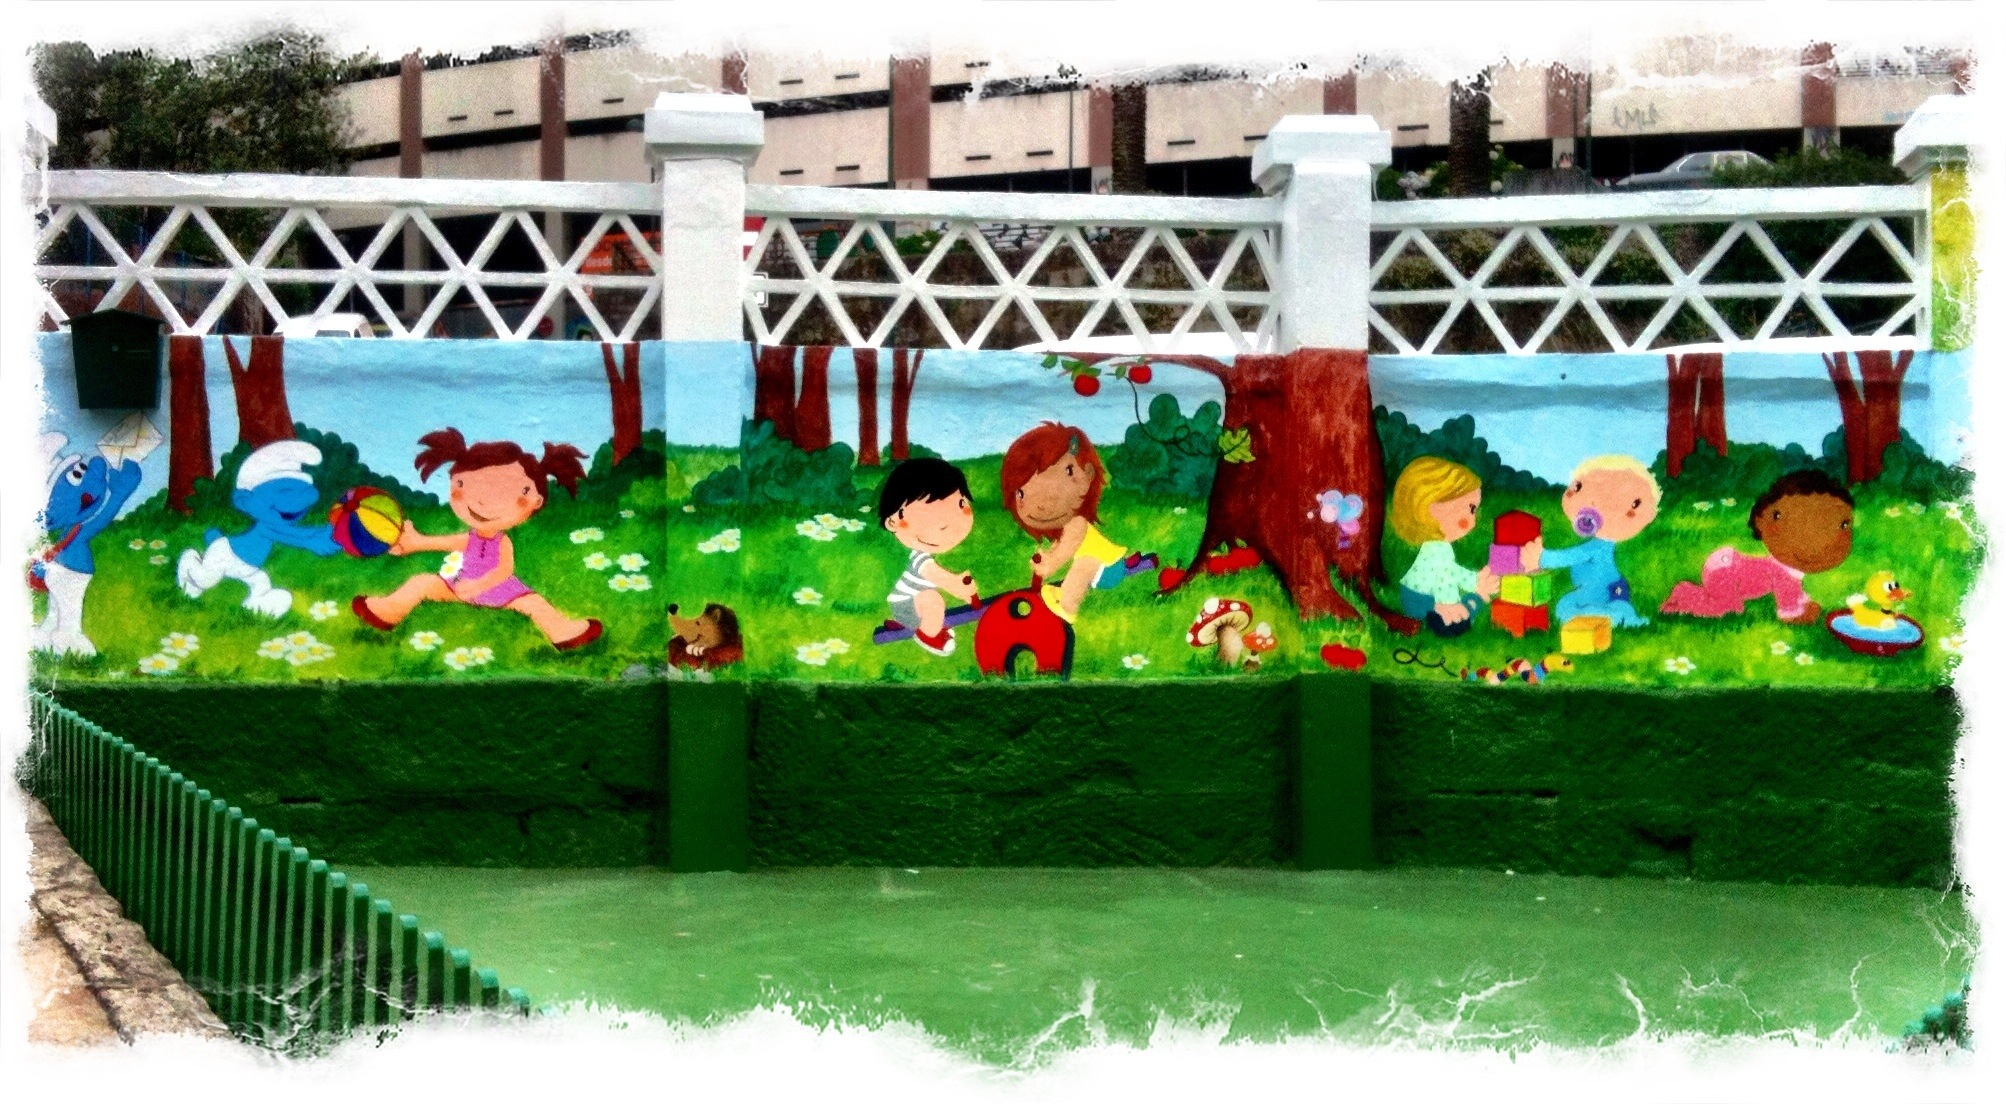 Pintura mural Escuela infantil pitufos, vigo, galicia, Begoña pérez-Herrera Moreno, bgophycolorincolorado.jpg